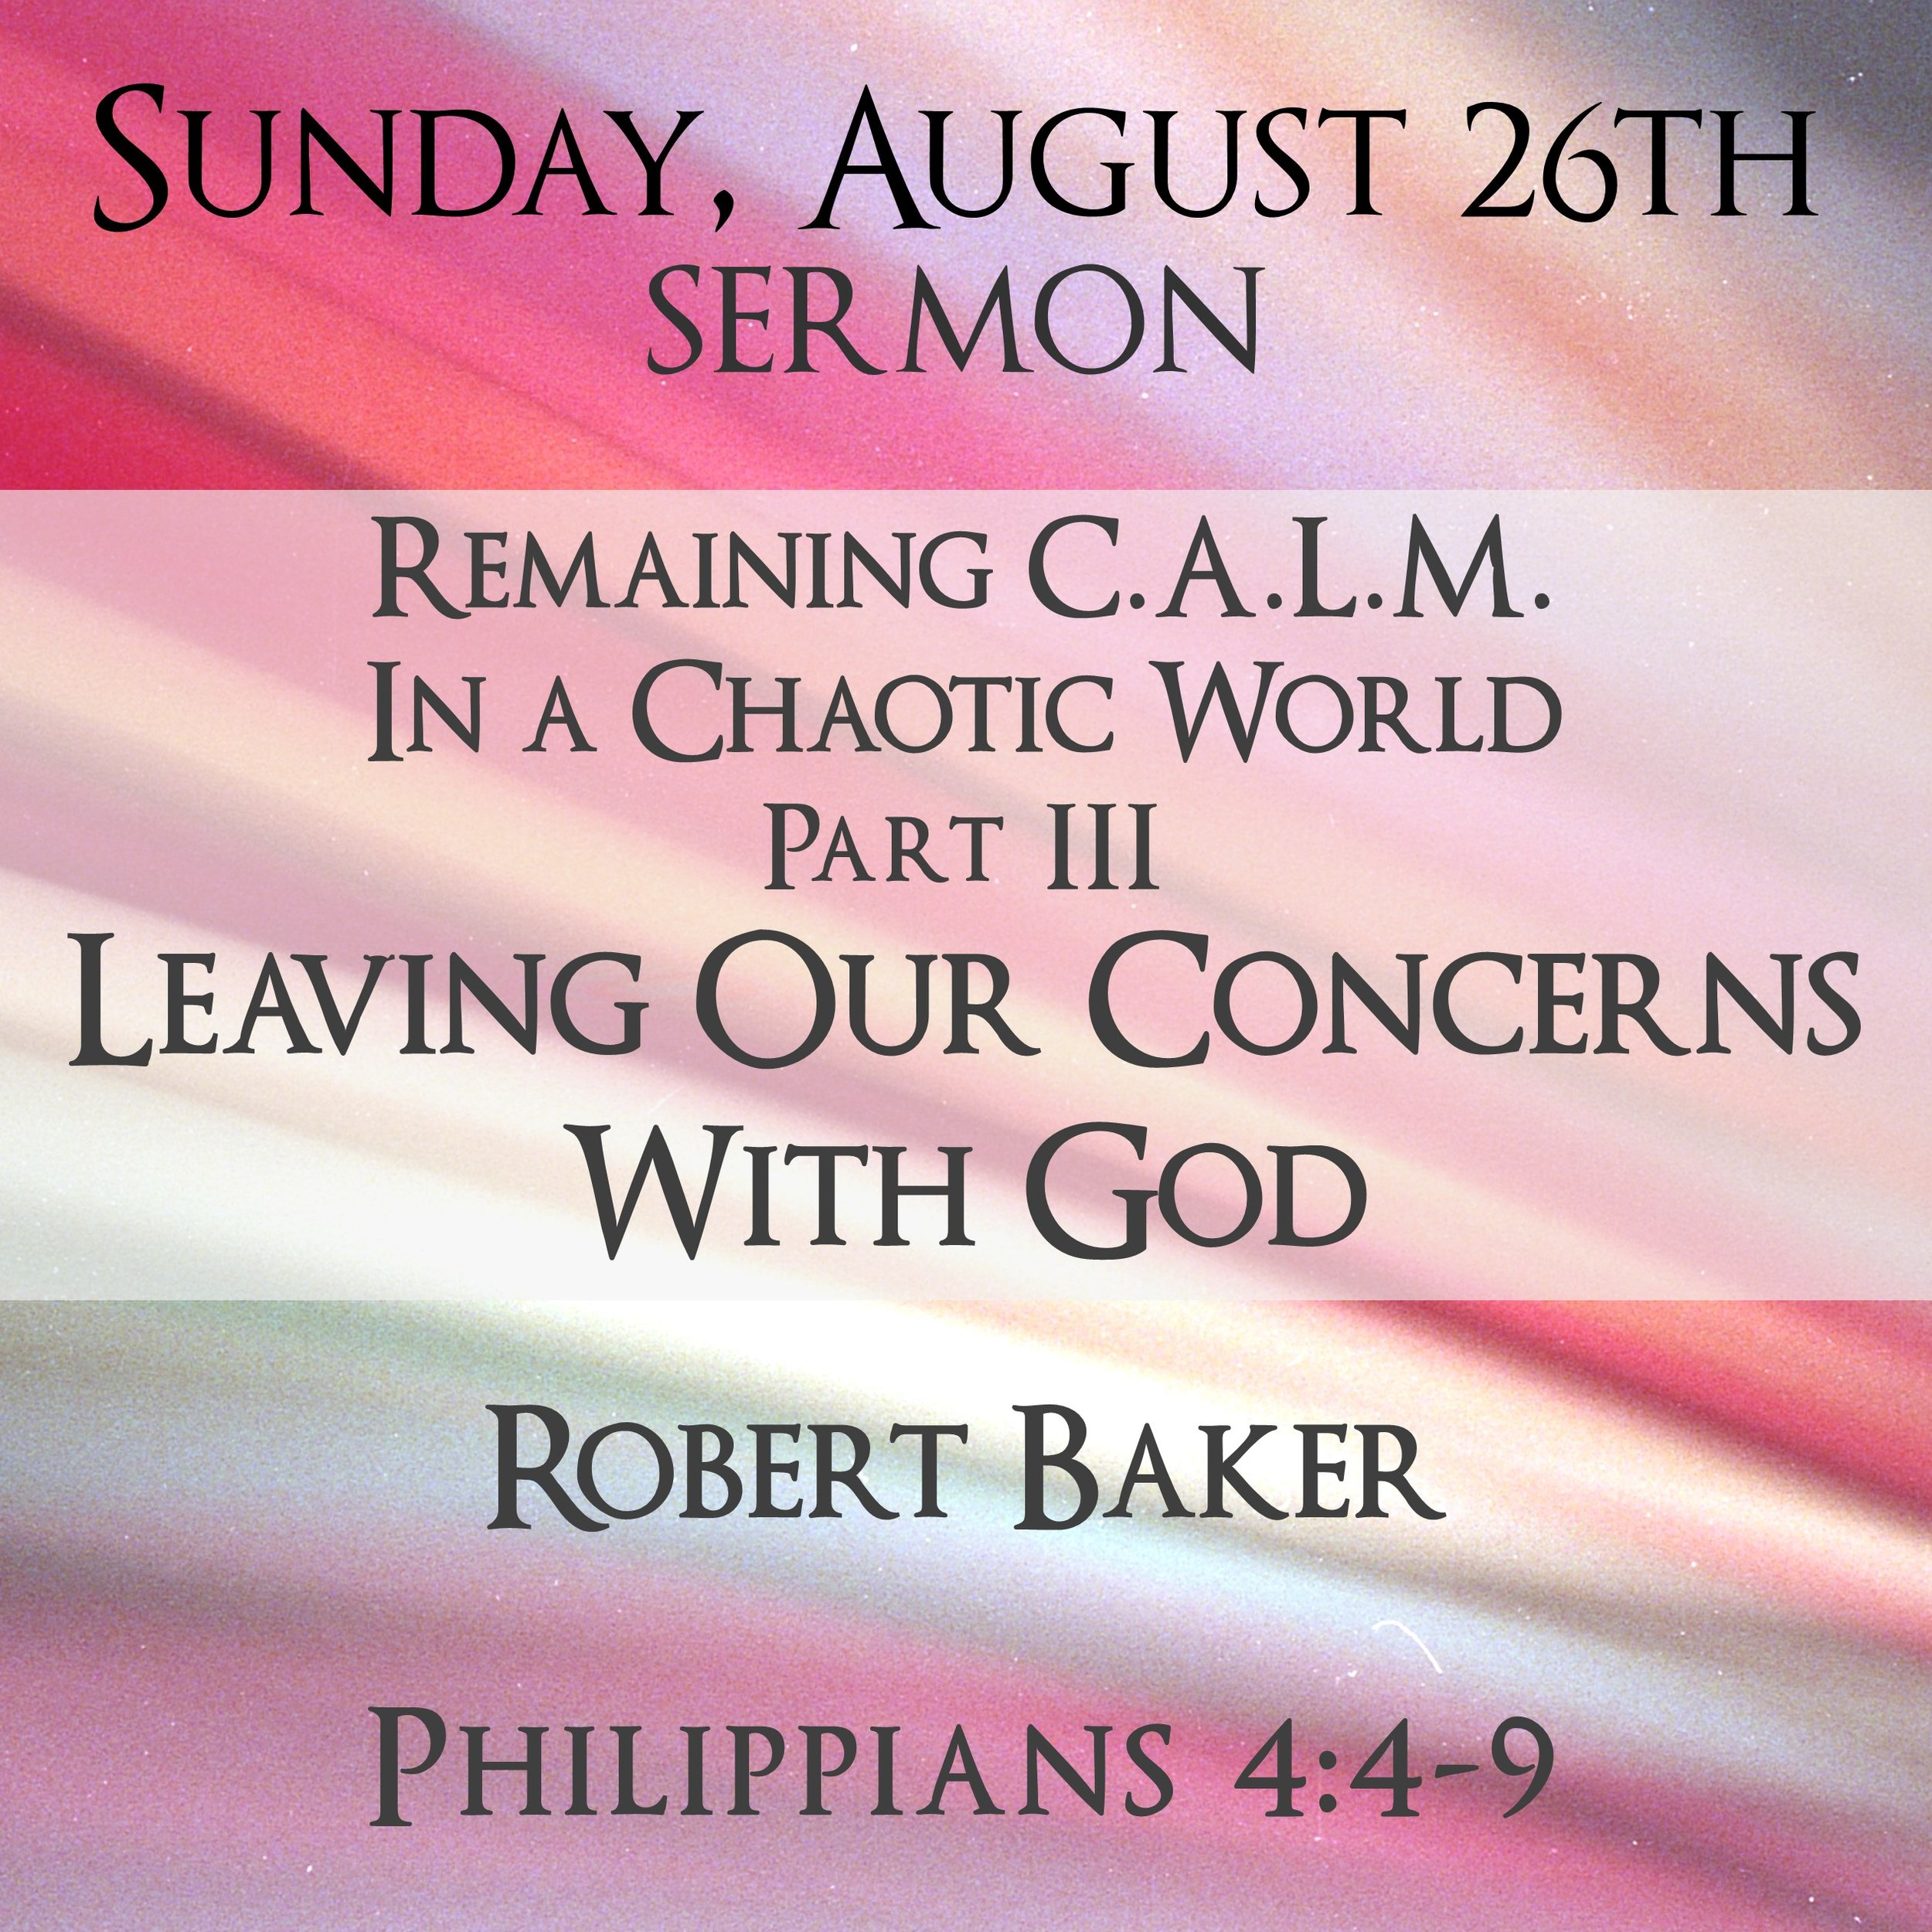 August 26 Calm sermon Facebook Link Pos 600t 062418-1.jpg